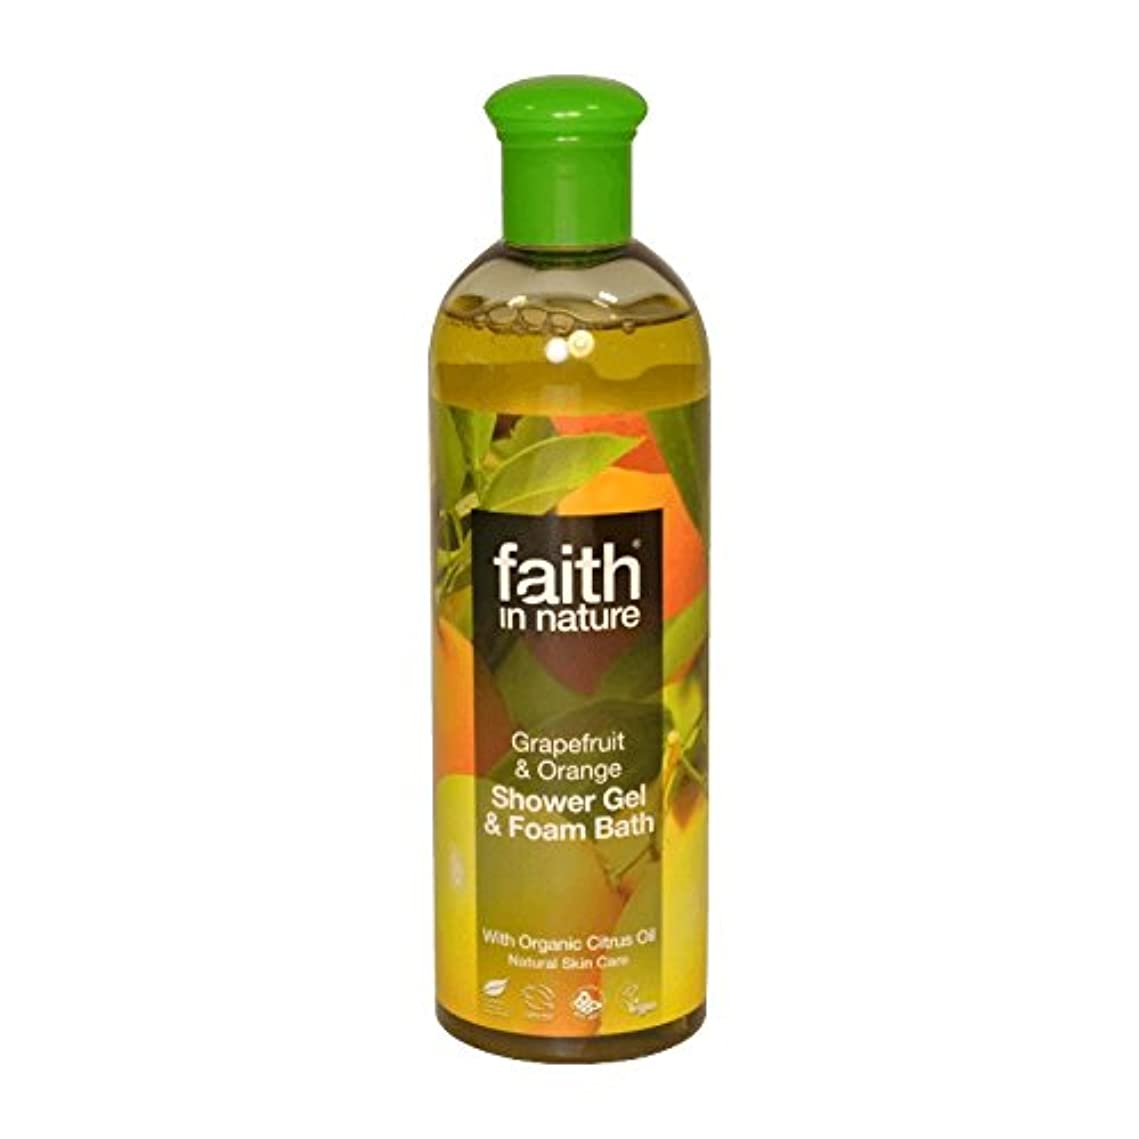 羨望退屈な静的Faith in Nature Grapefruit & Orange Shower Gel & Bath Foam 400ml (Pack of 2) - 自然グレープフルーツ&オレンジシャワージェル&バス泡400ミリリットルの信仰 (x2) [並行輸入品]